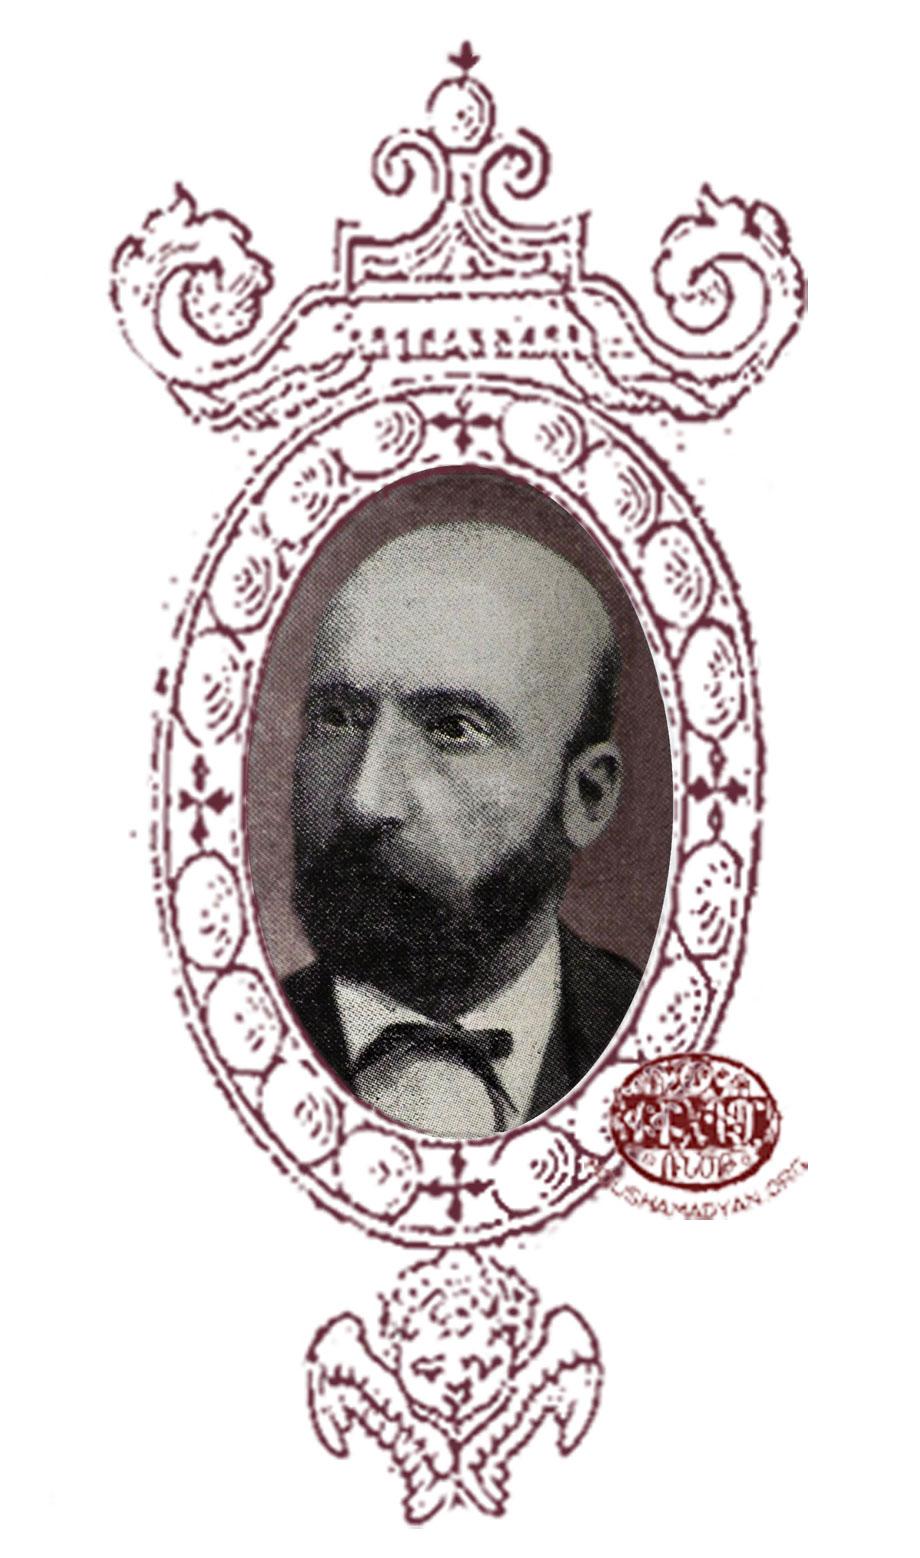 M. A. Melcon